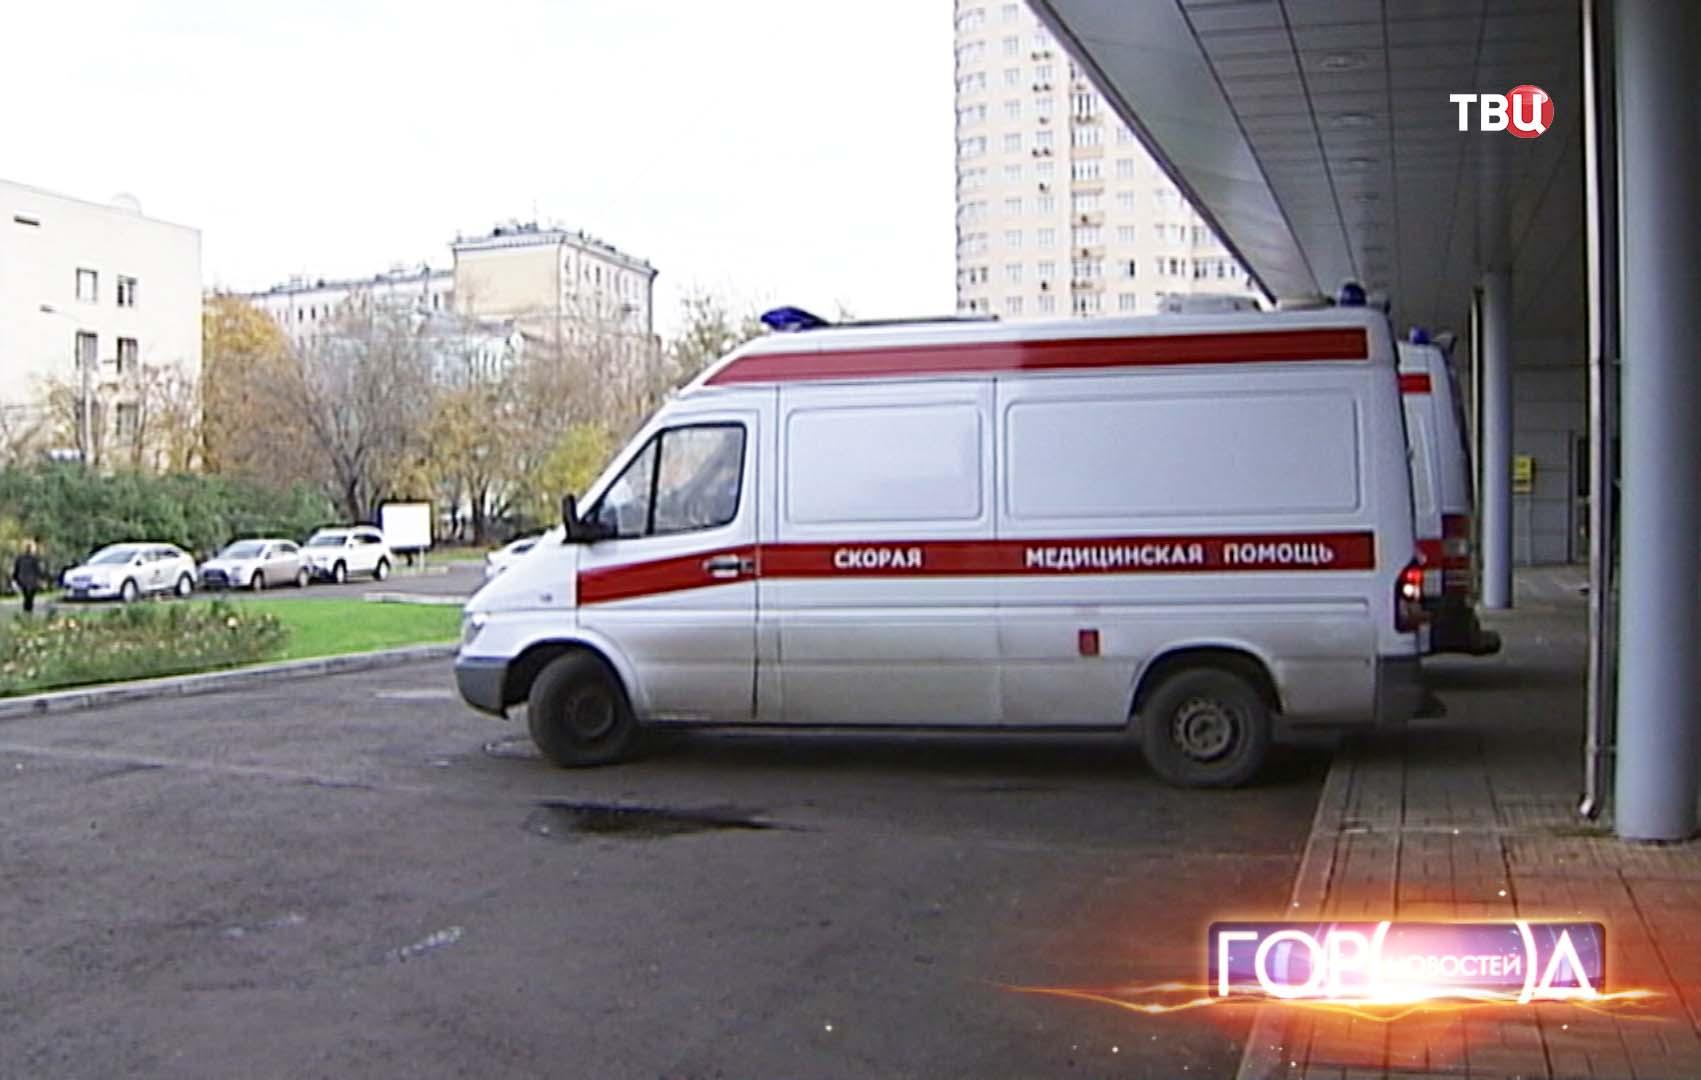 Автомобили скорой помощи около приемного отделения больницы